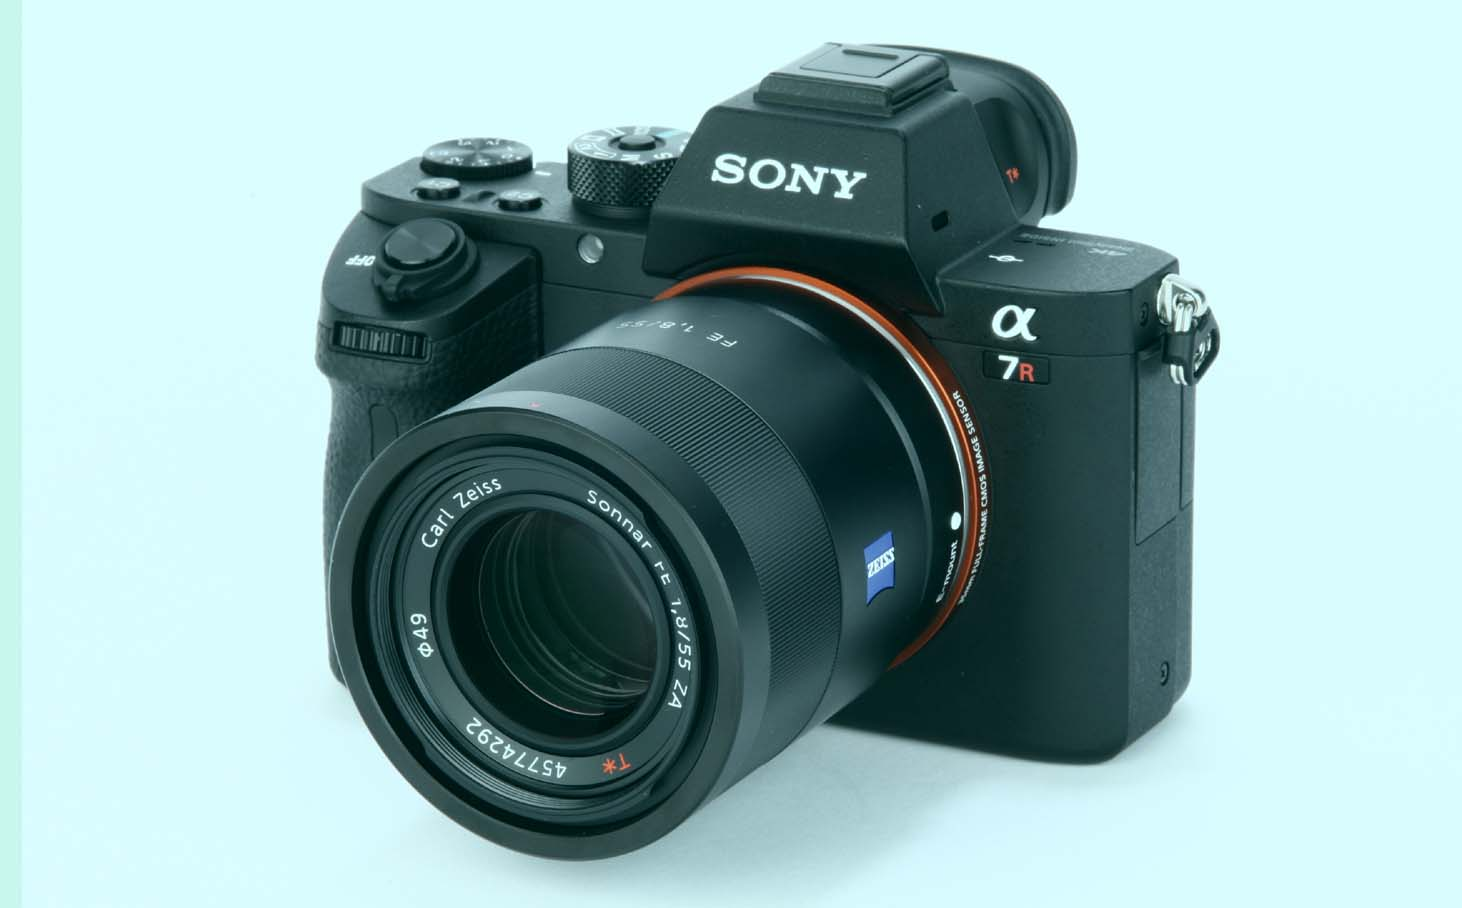 Sony Alpha A7R II Digital Camera